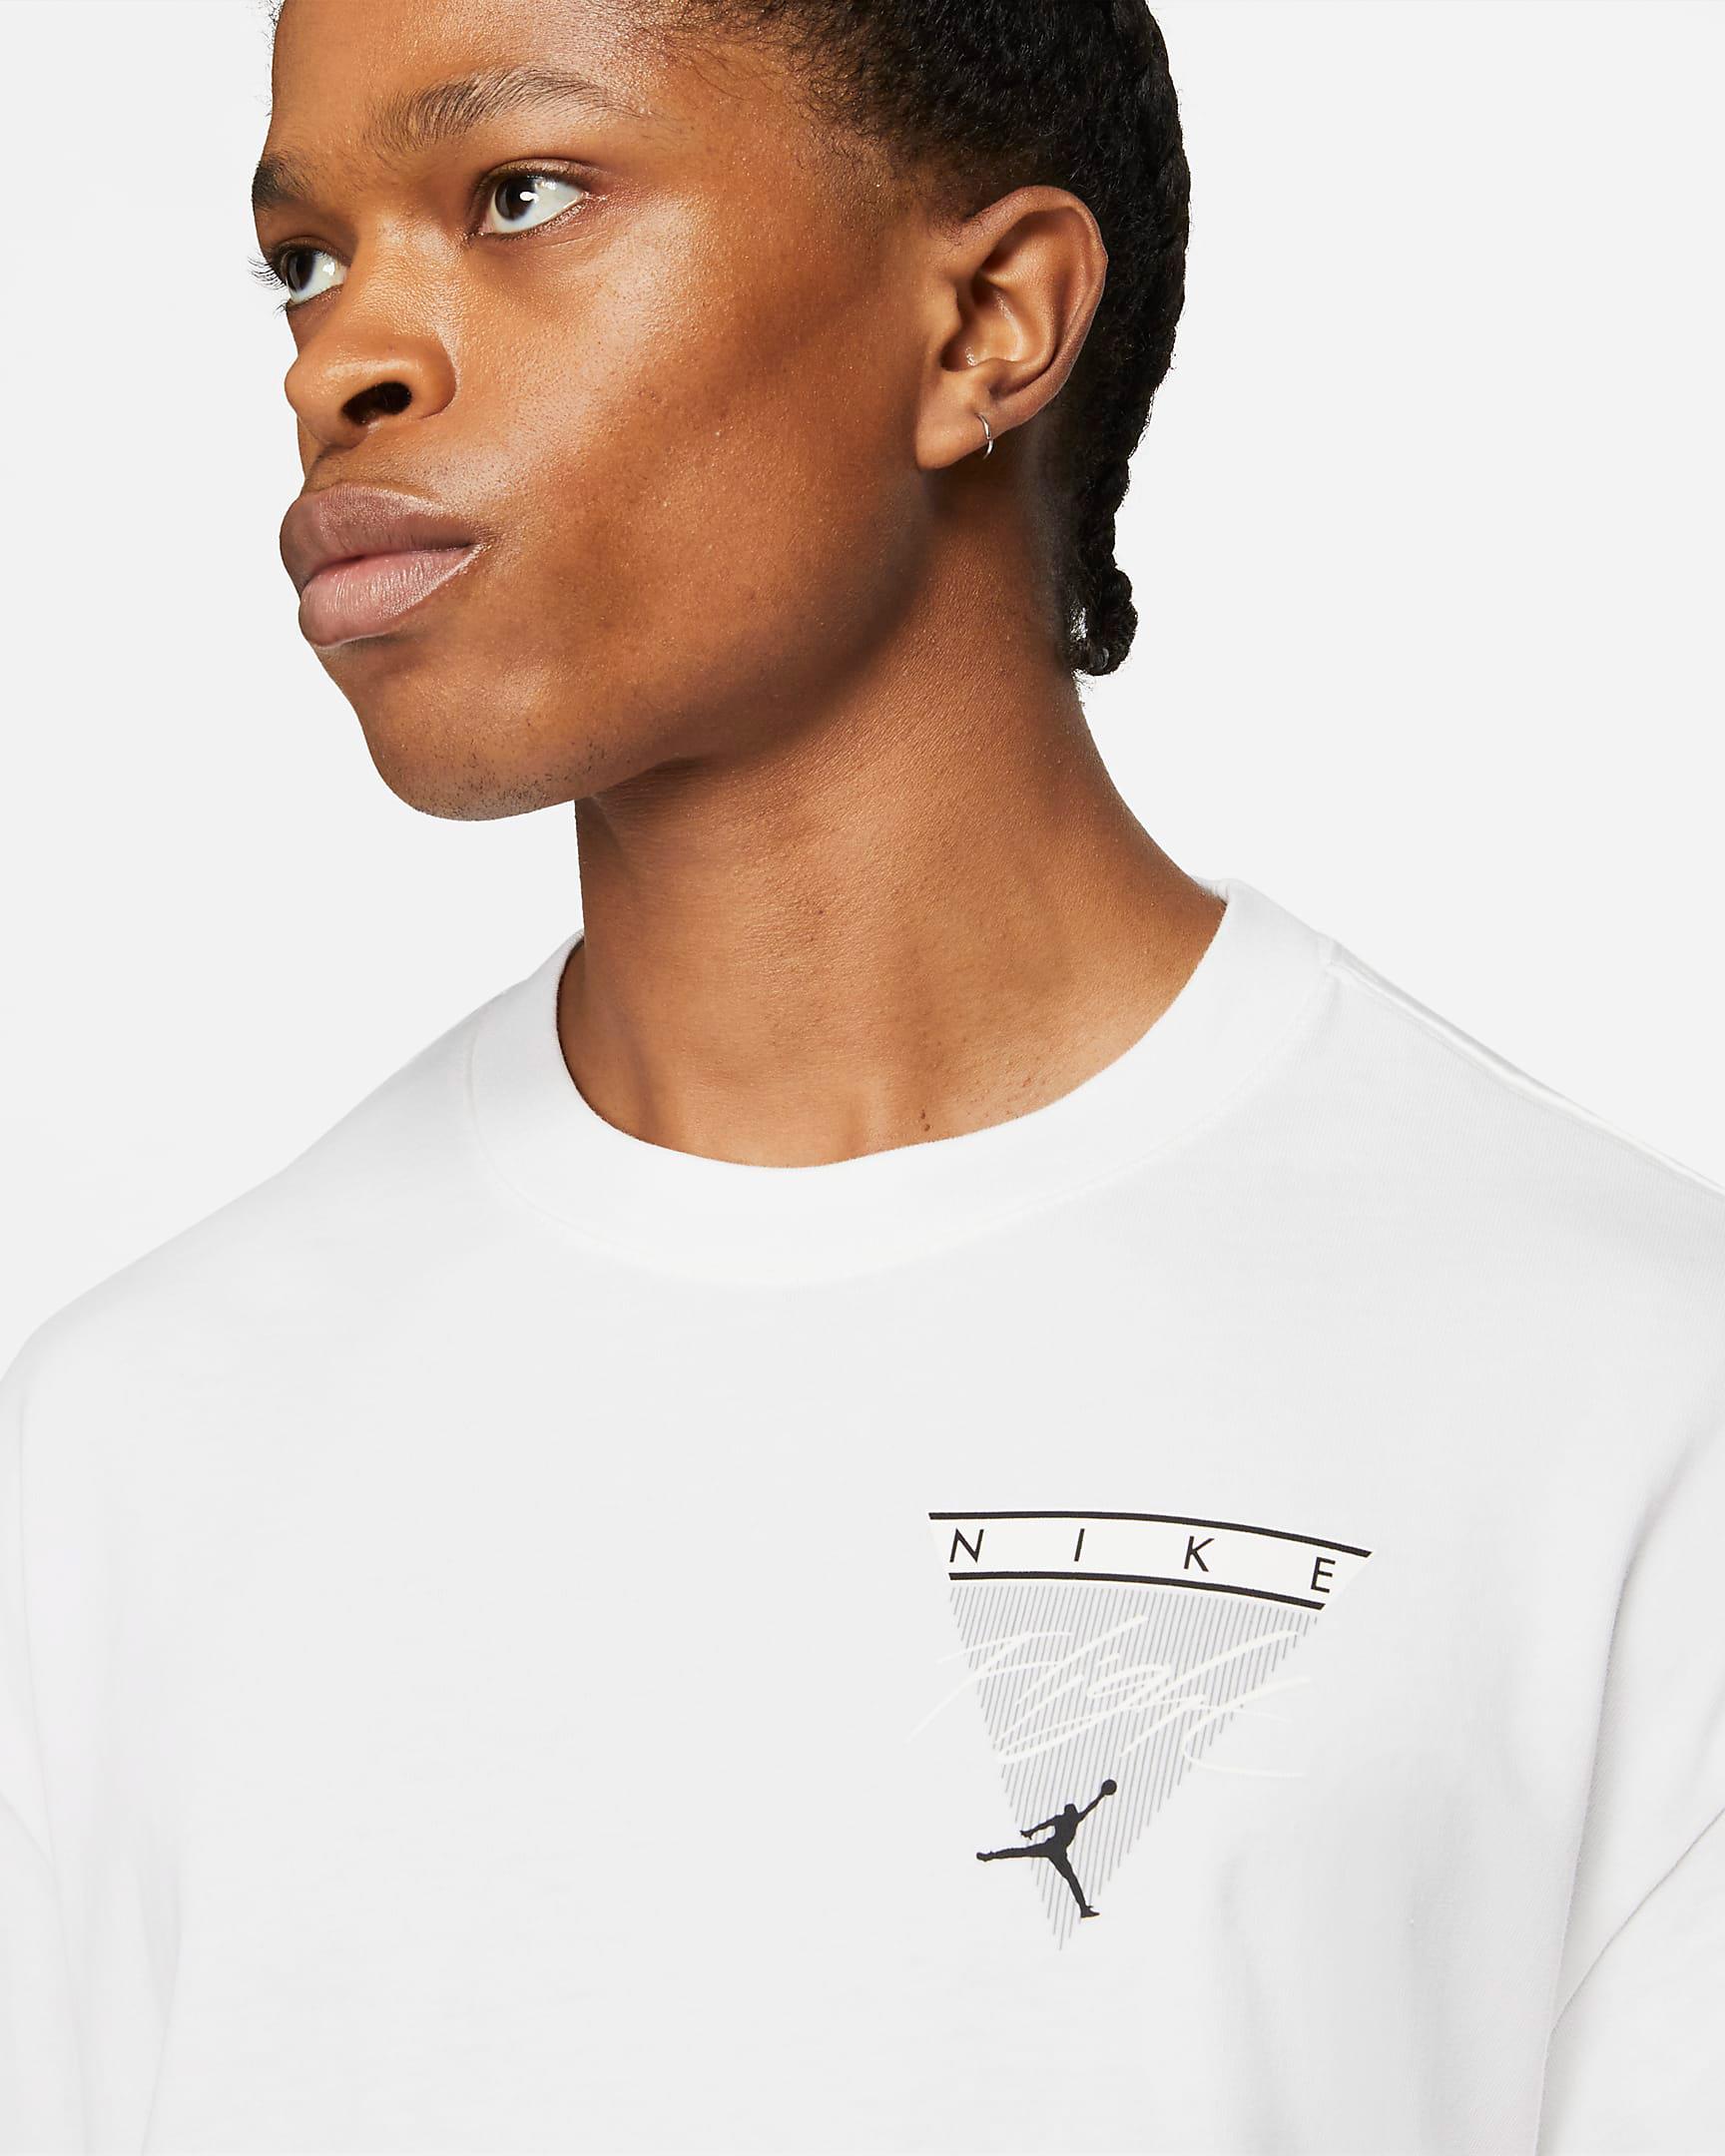 air-jordan-4-white-oreo-shirt-2